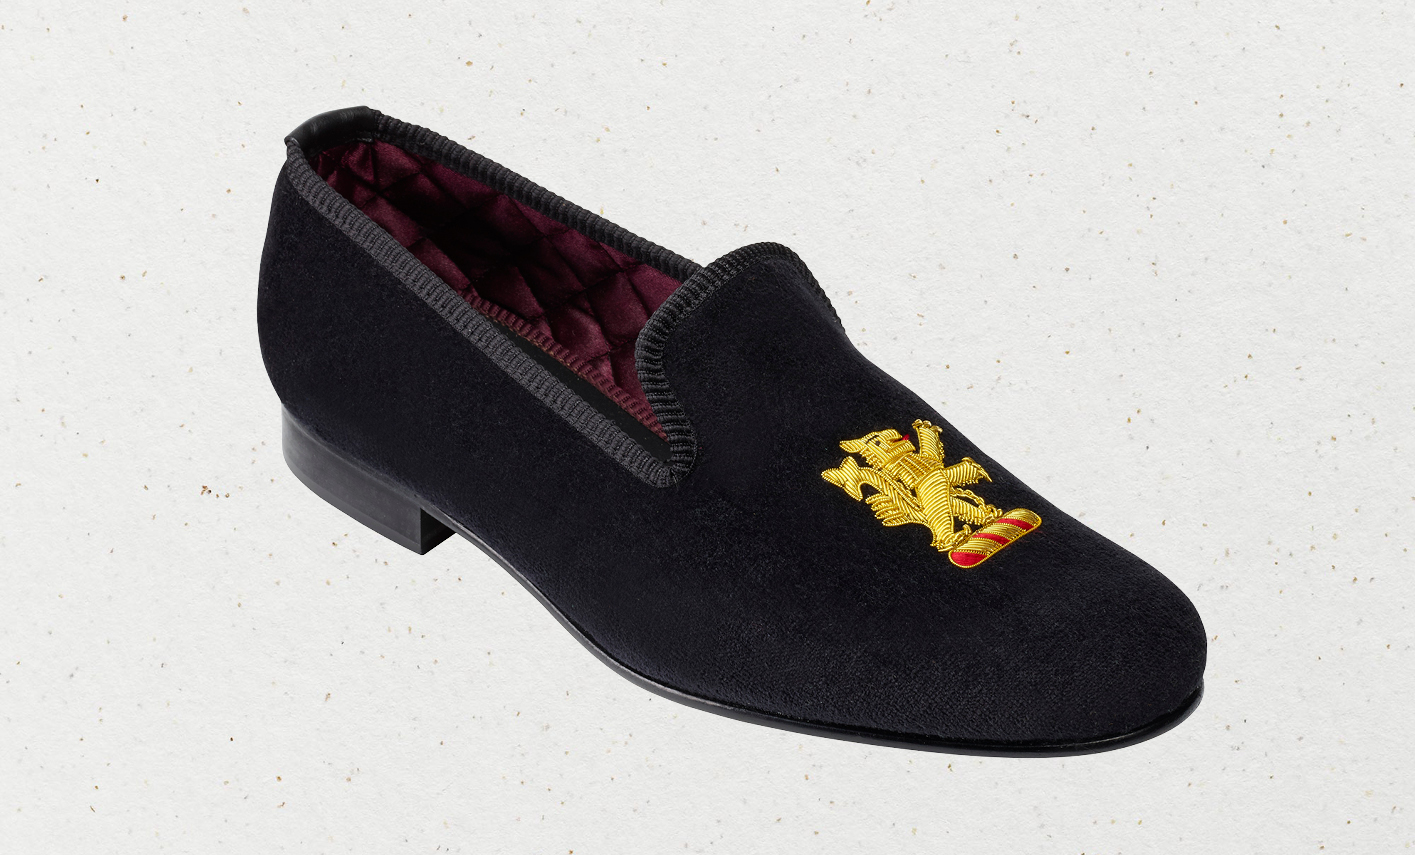 Regal slippers from Crockett &amp Jones